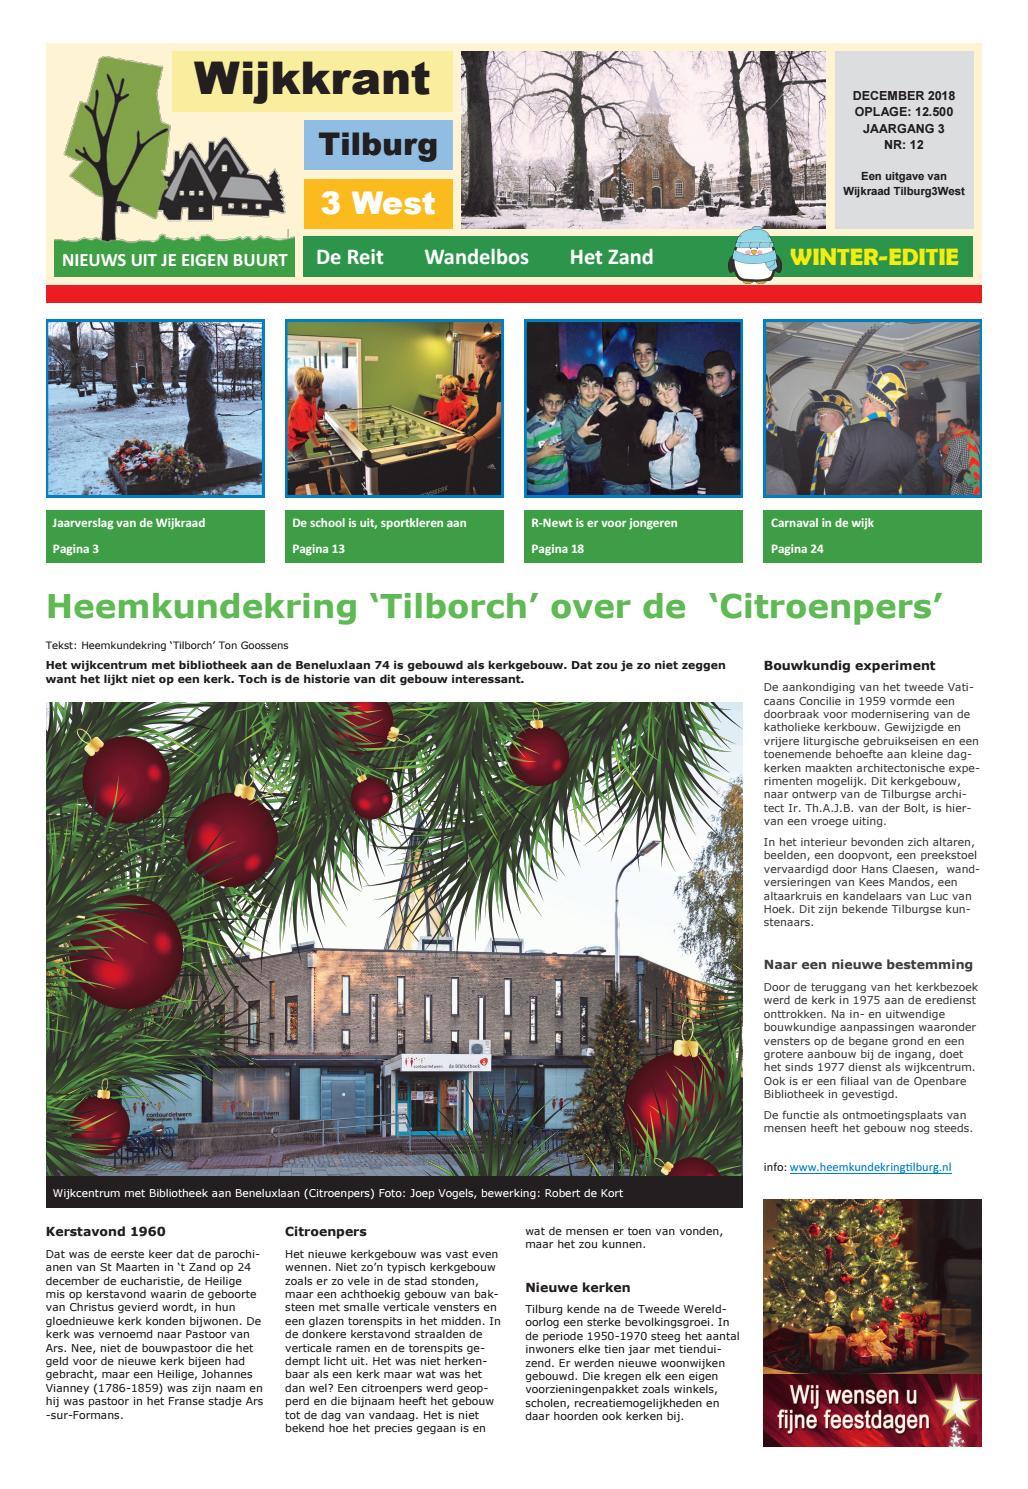 Wijkkrant winter editie december 2018 by Wijkraad Tilburg 3